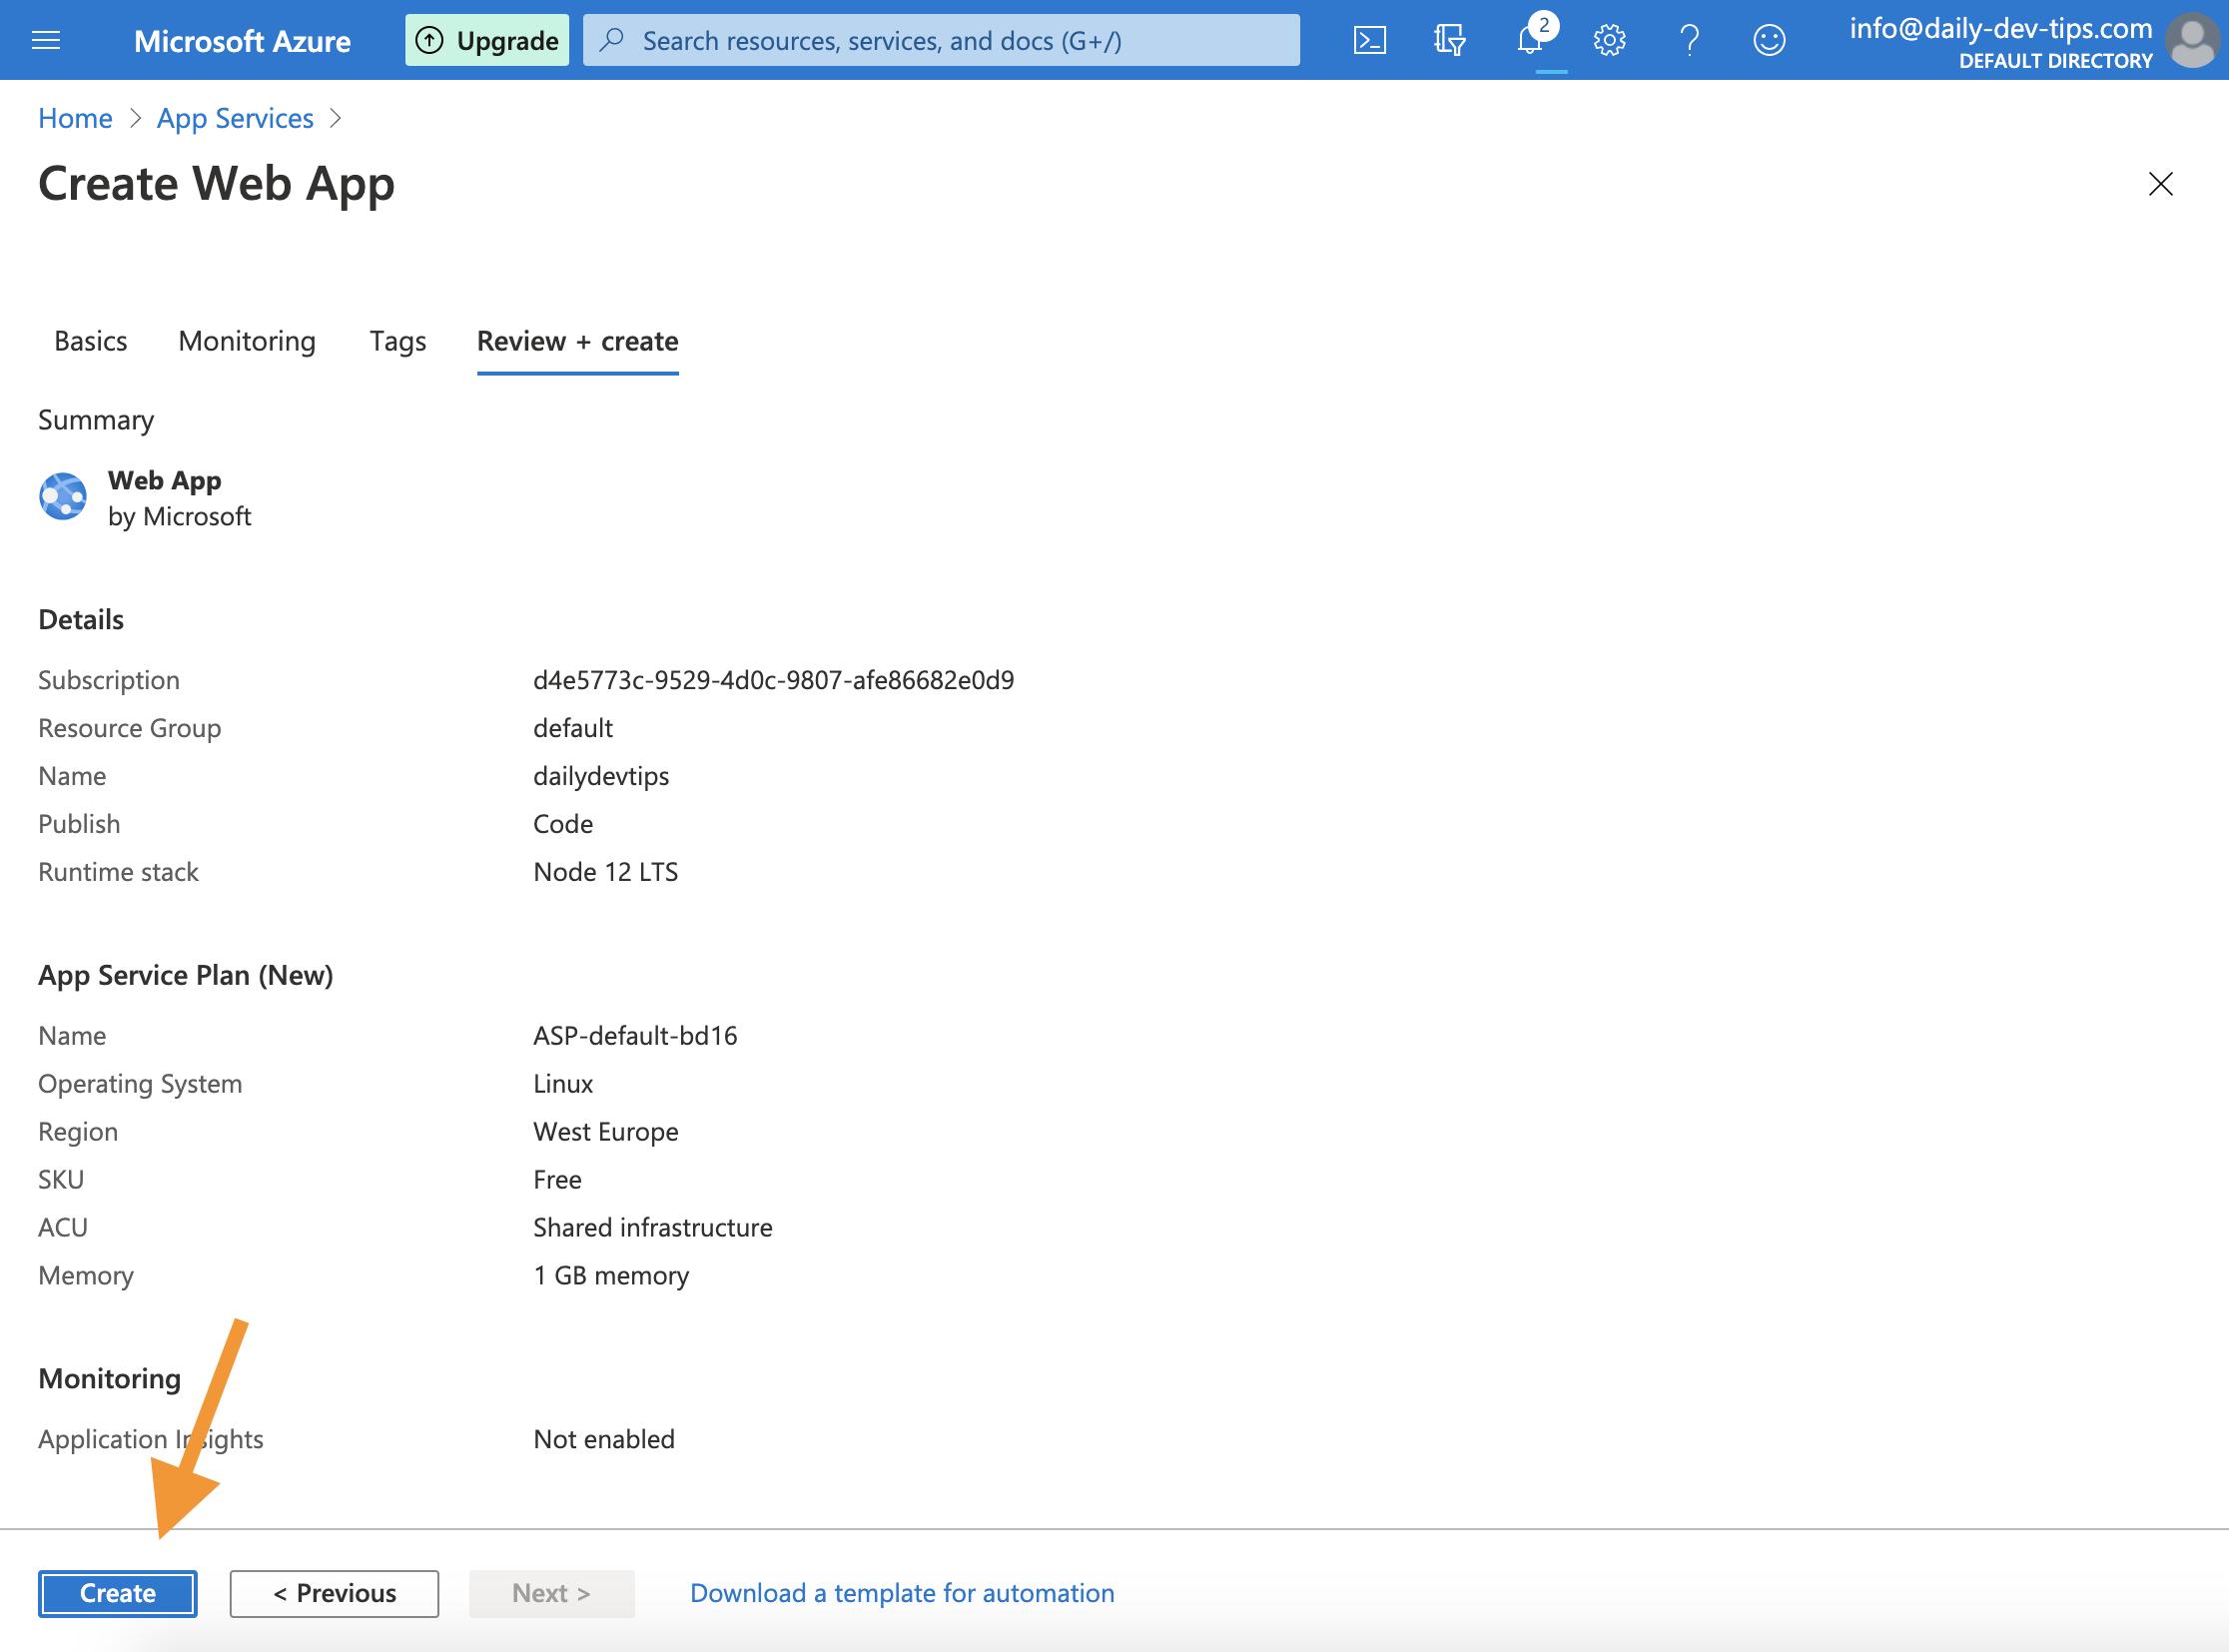 App Service Create